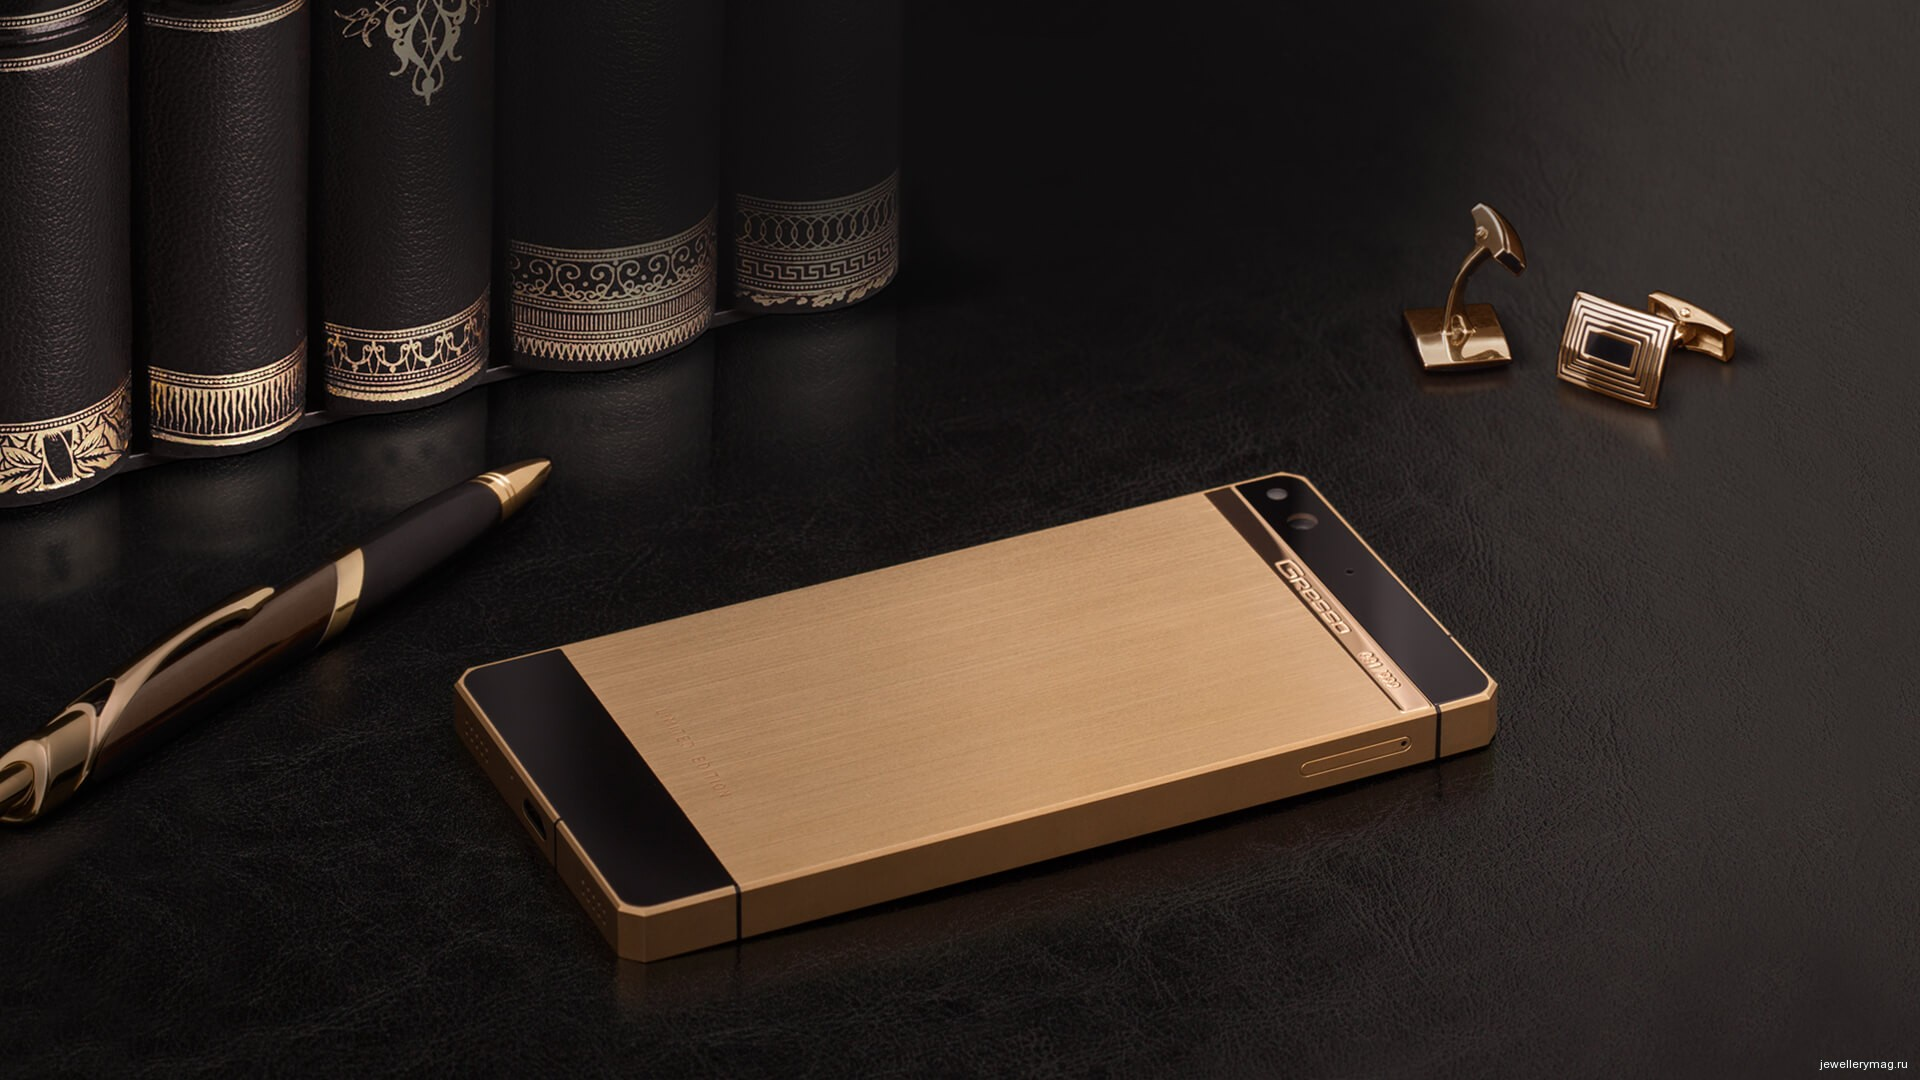 основном картинки стильные телефоны основном кунъёми используется